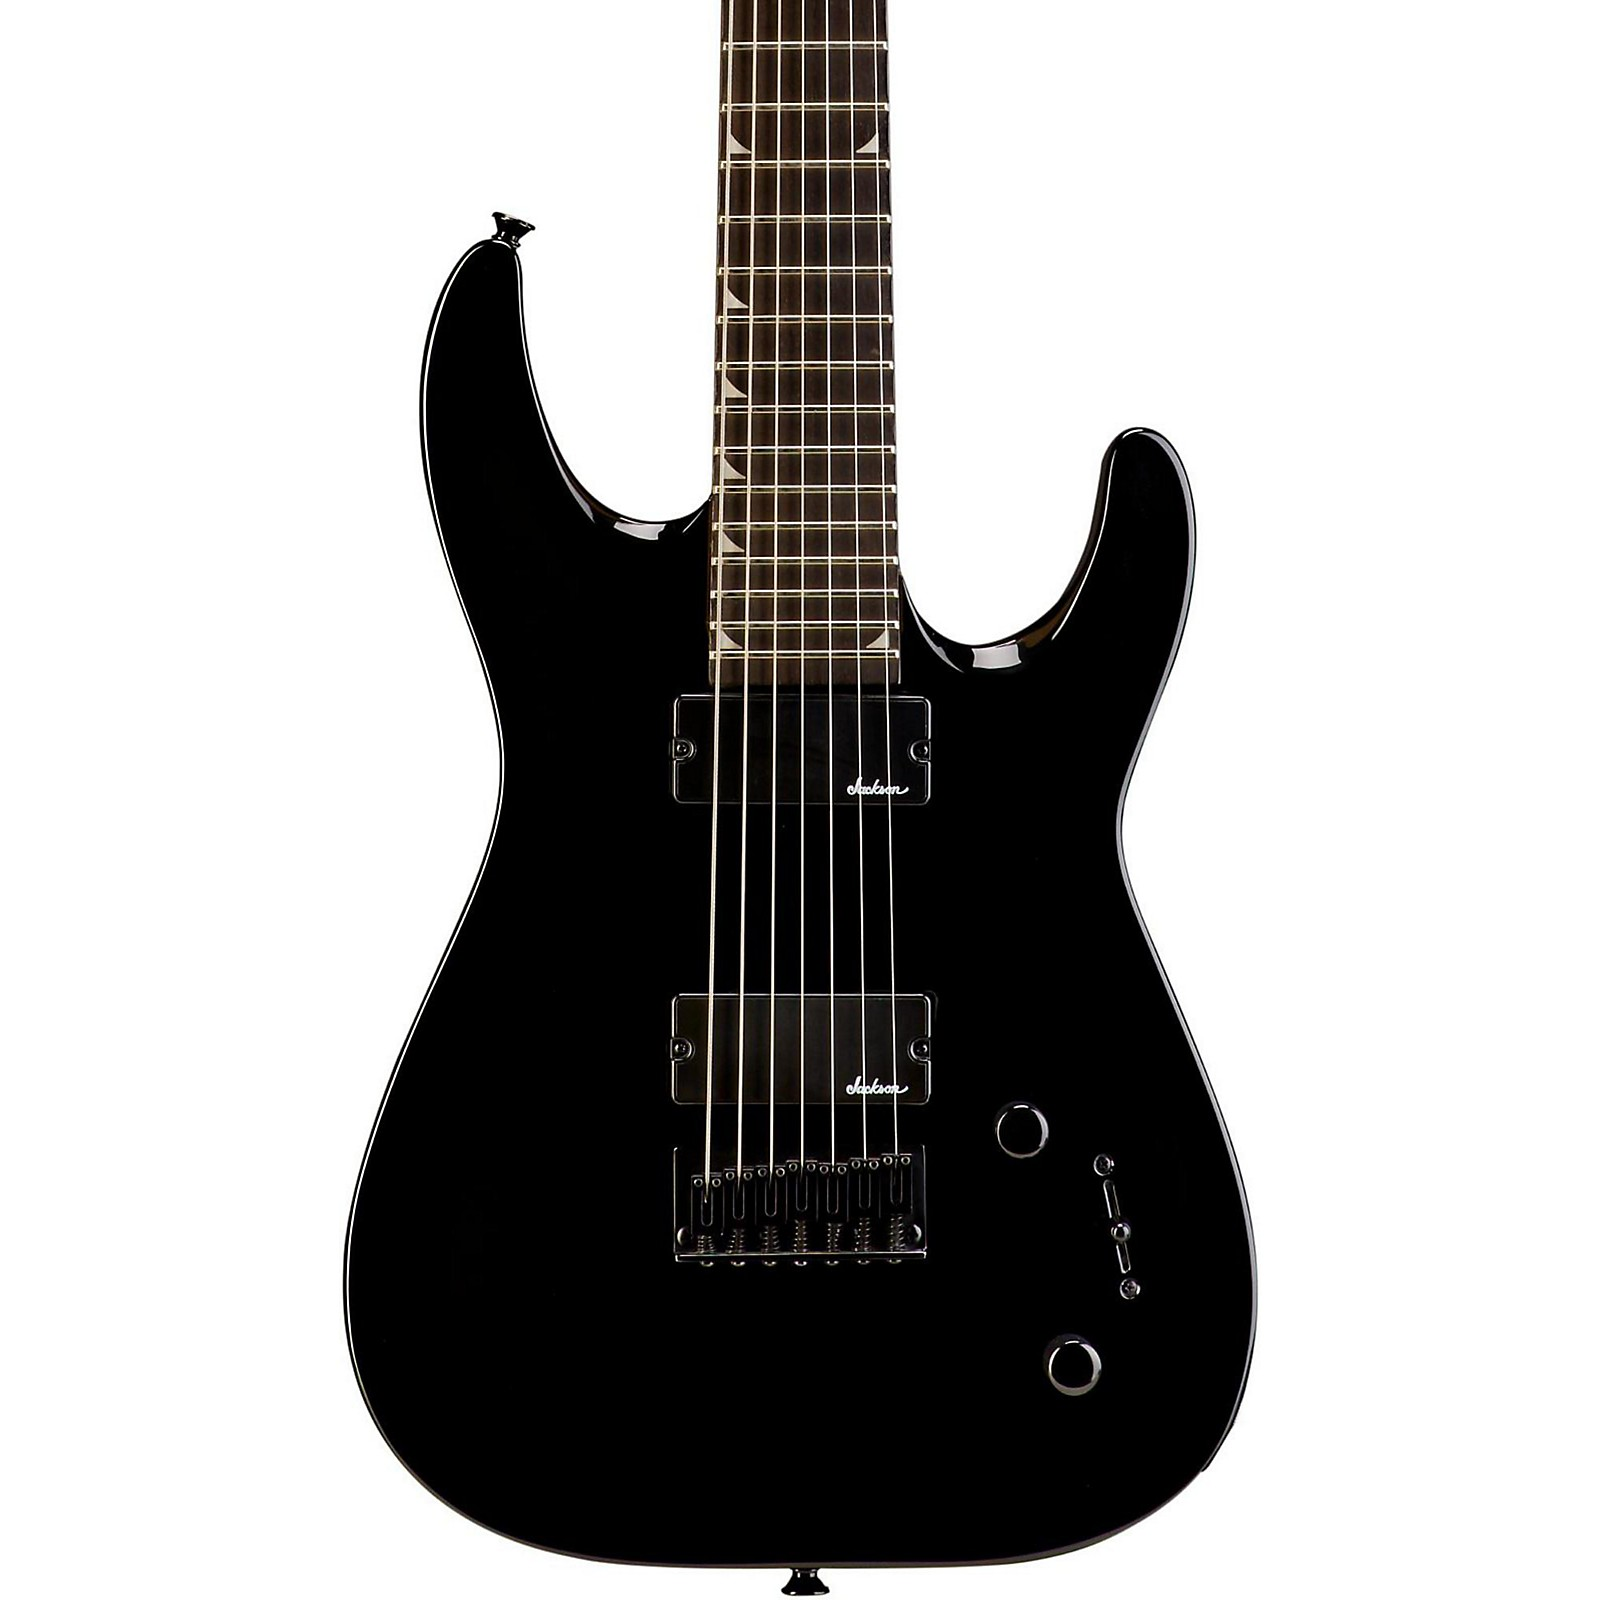 Jackson JS 22-7 DKA Electric Guitar